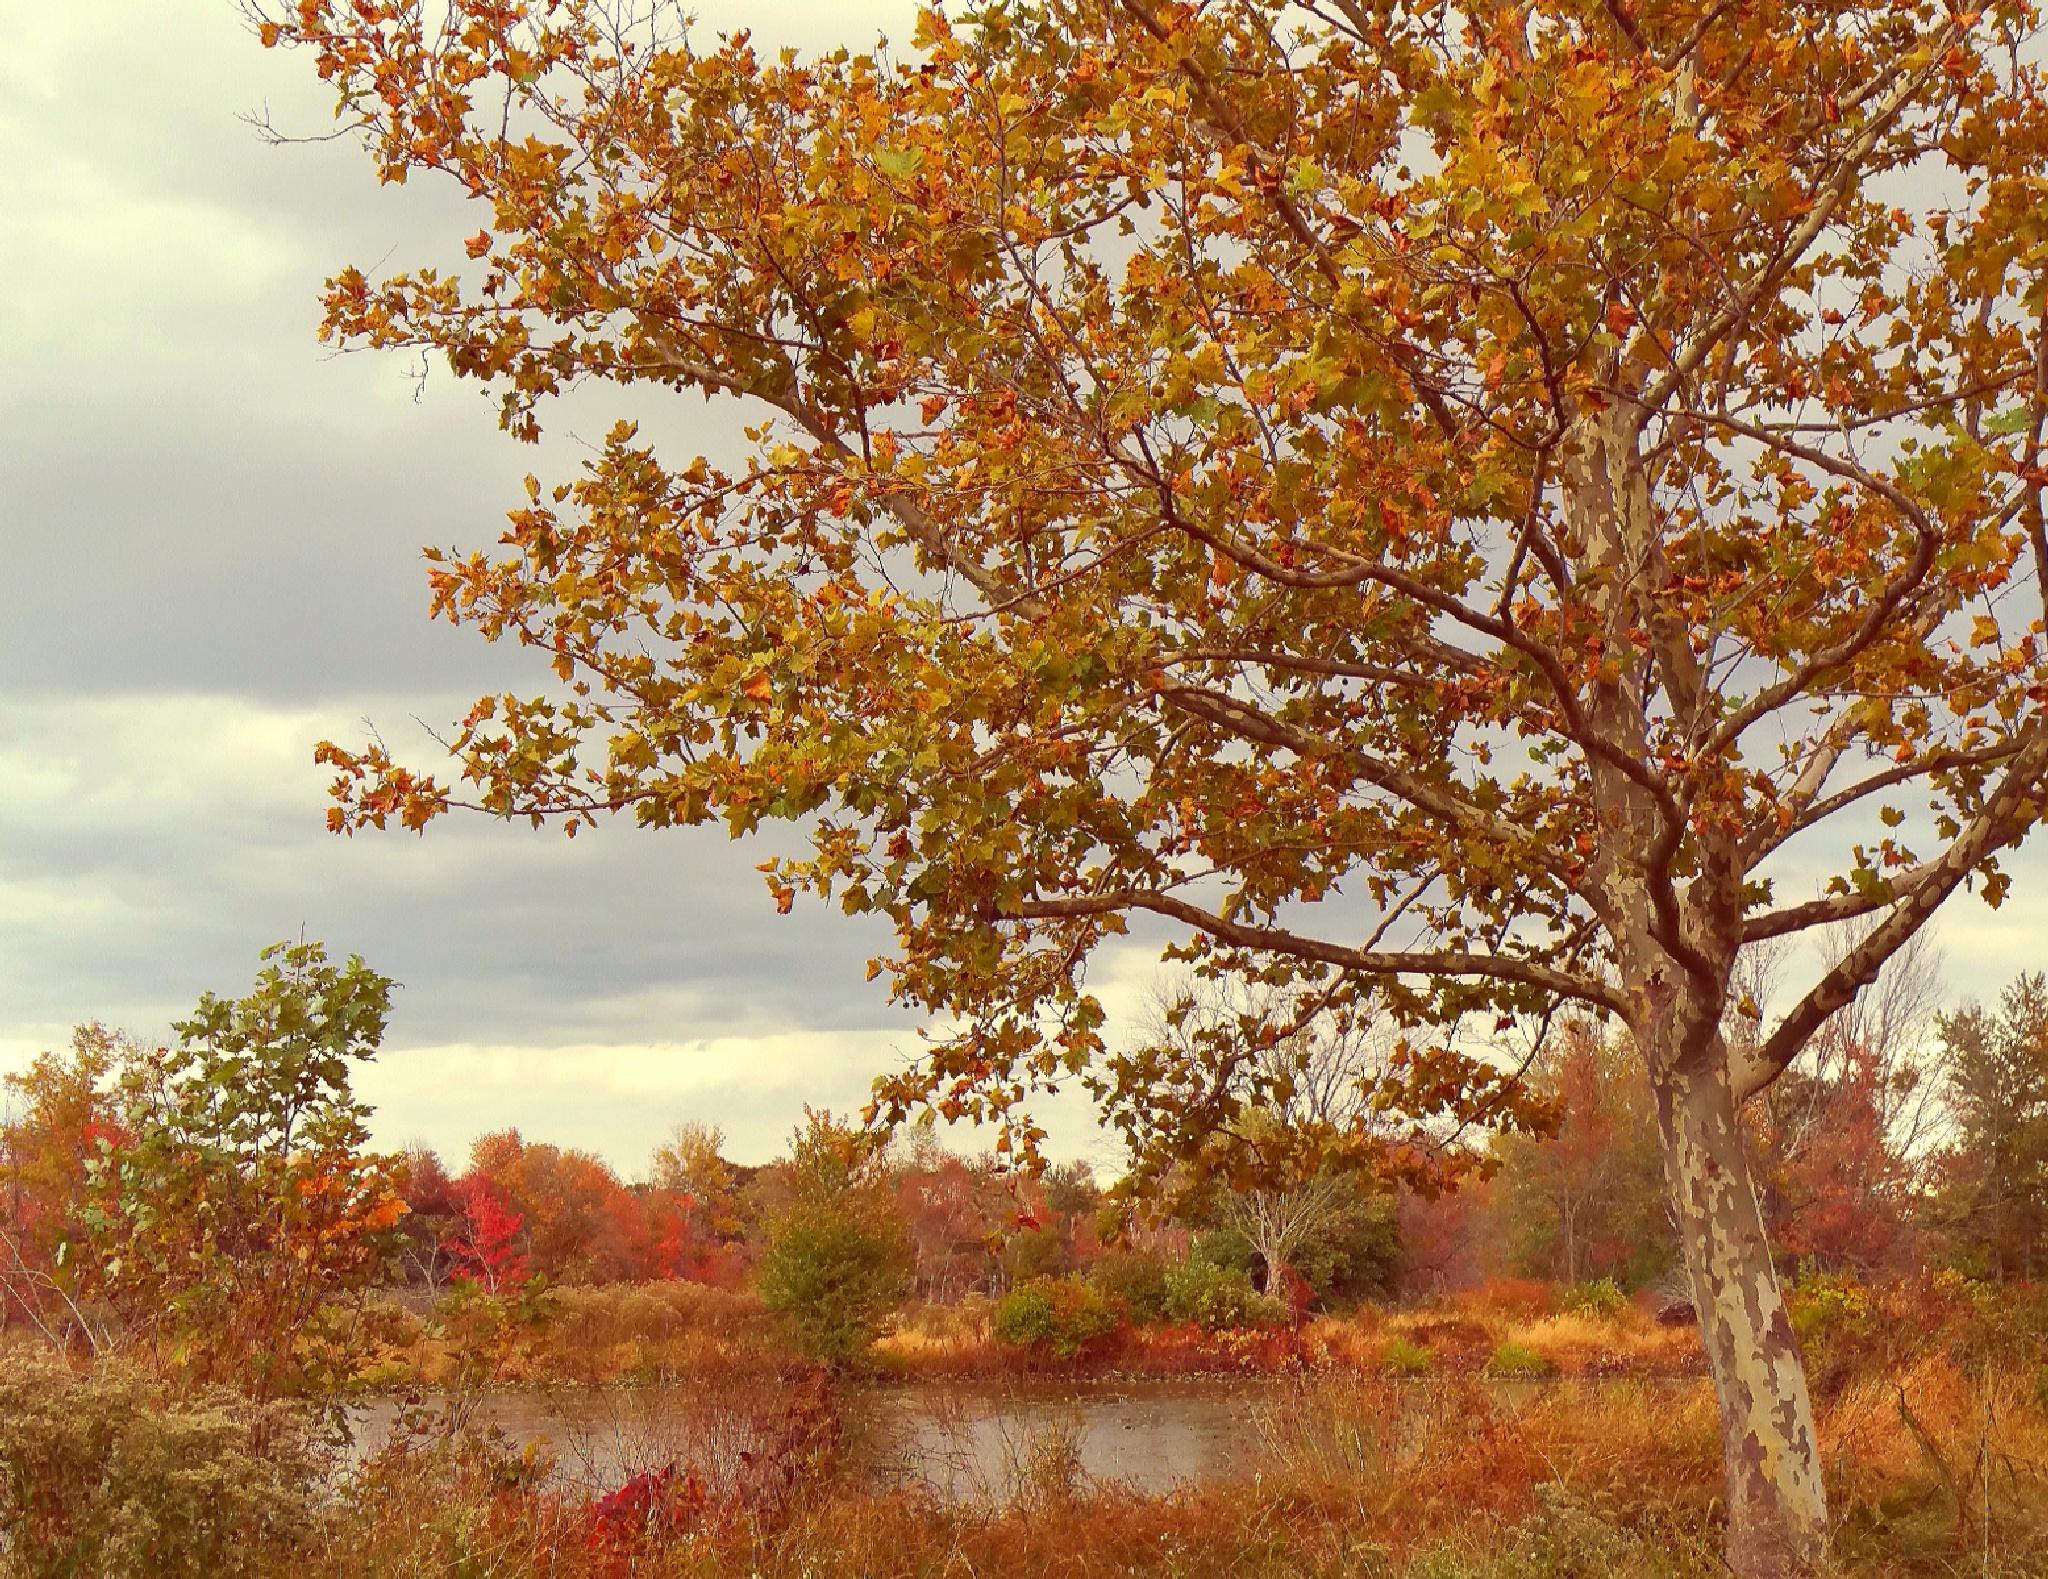 Autumn's Amber Tones by diane.aldrich.14